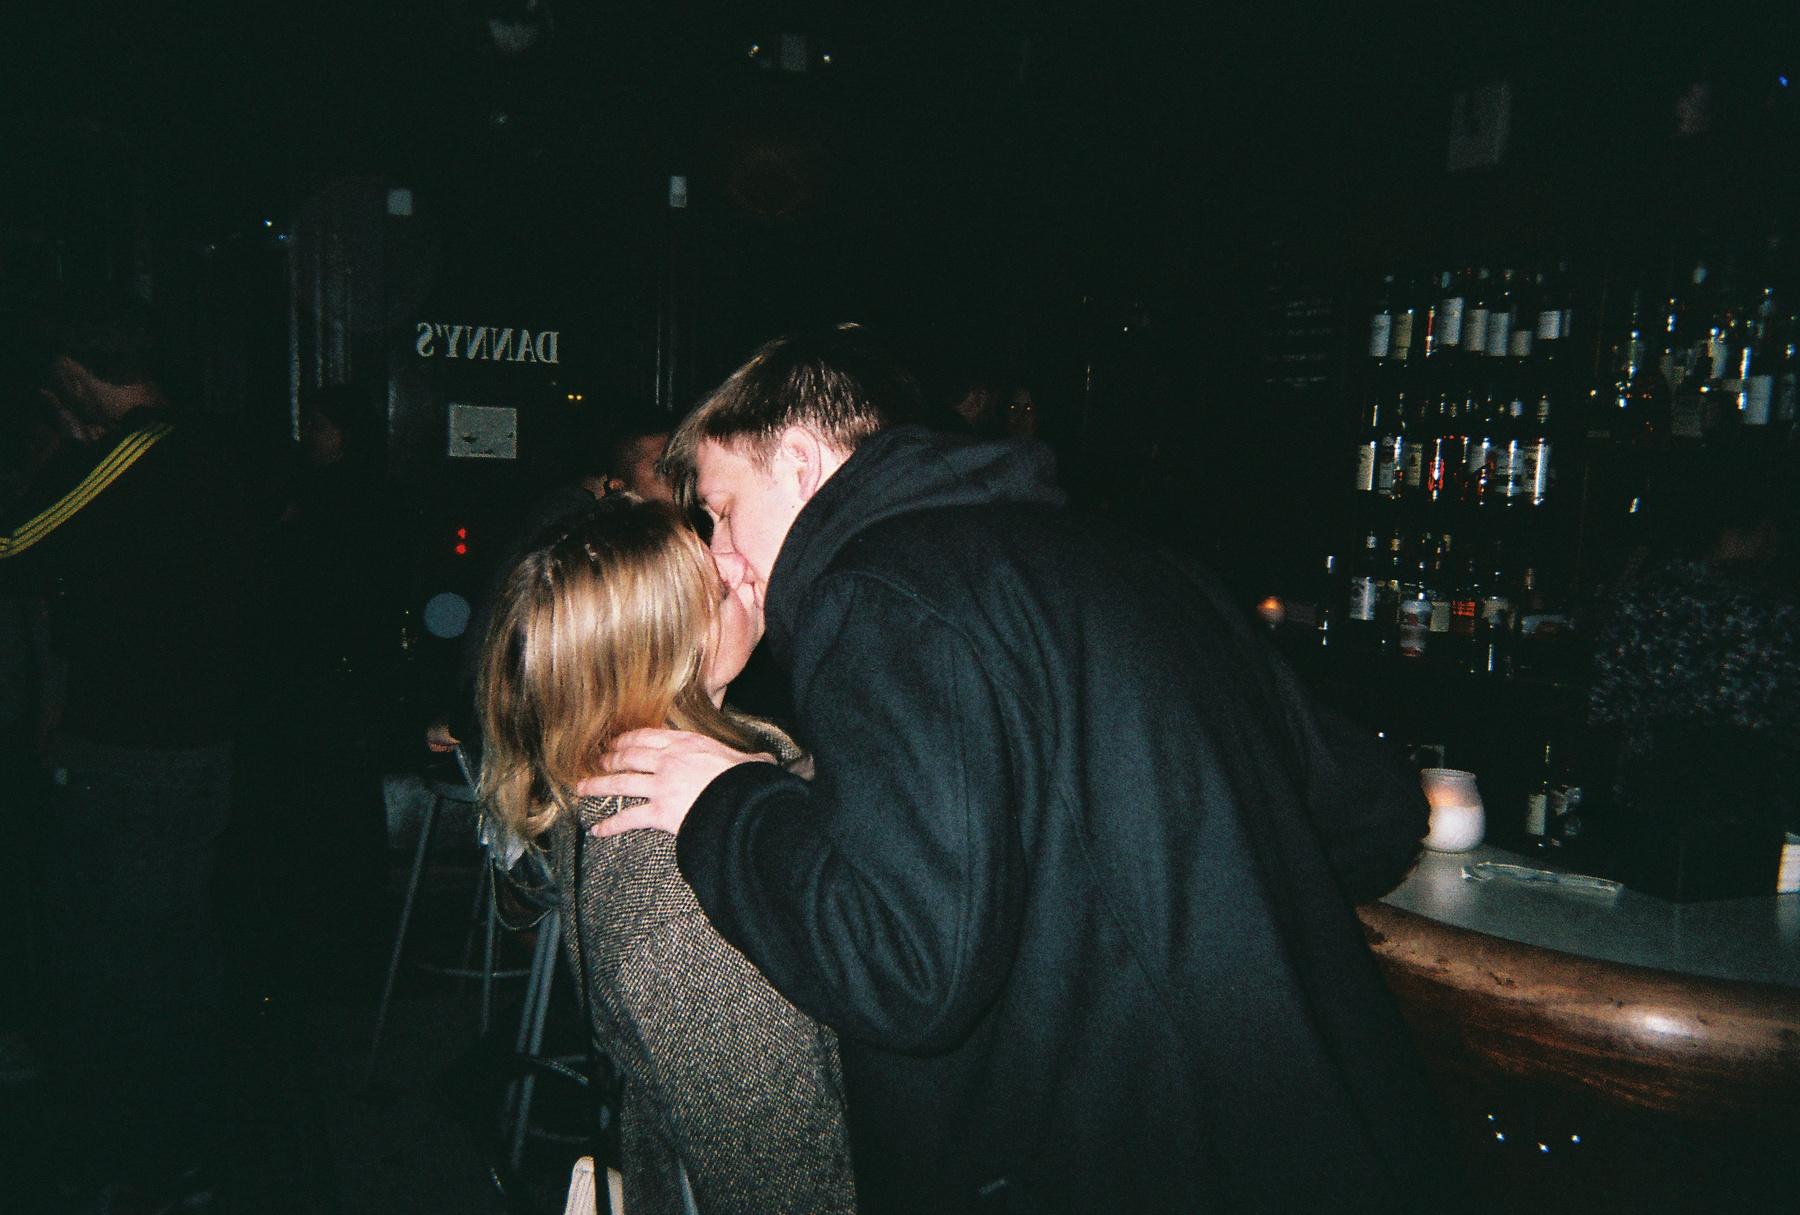 Hauska dating site kuvat